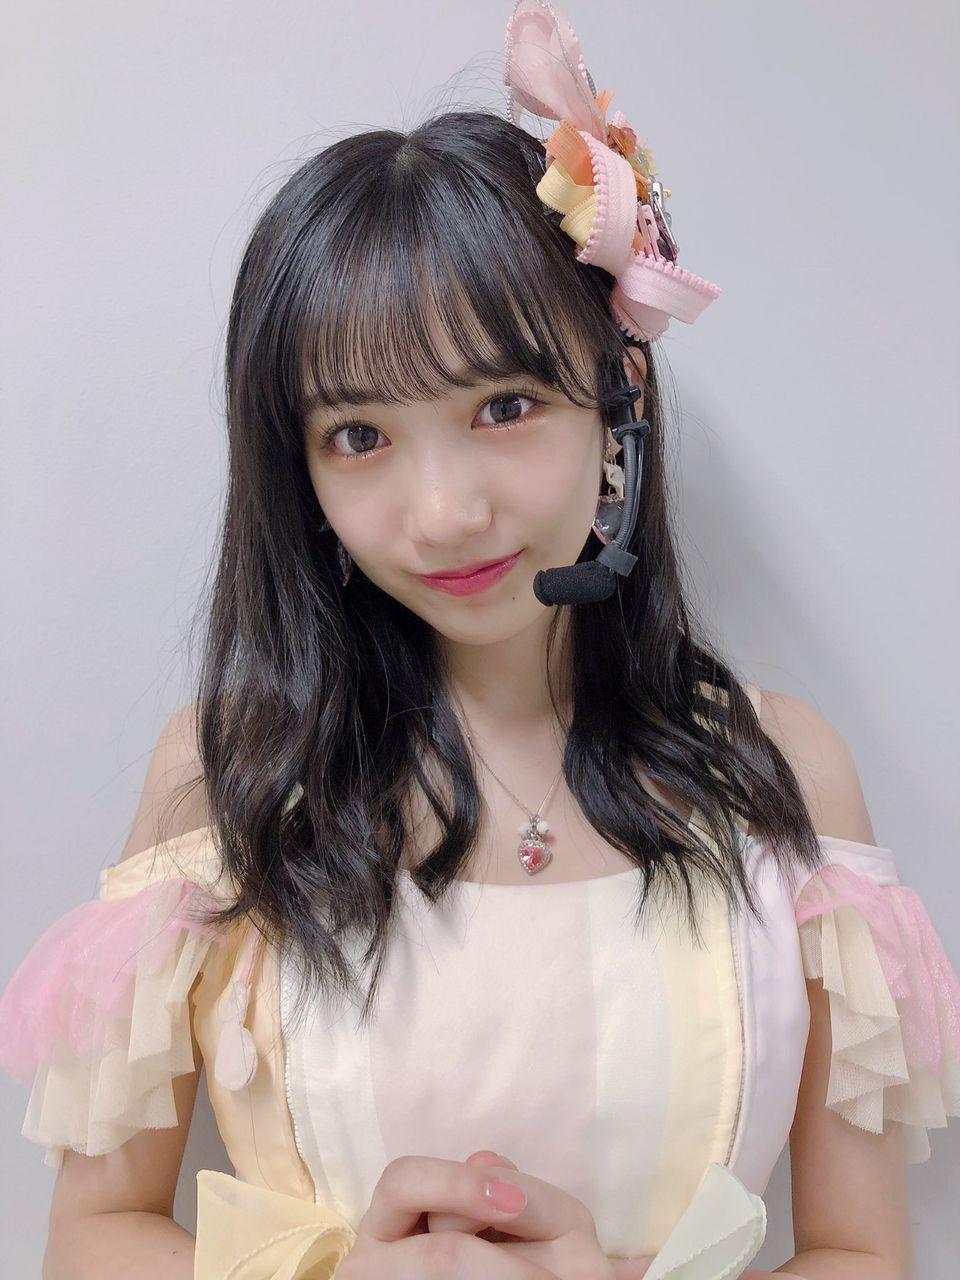 【NMB48】横野すみれさん、『NAMBA祭』千秋楽にツアー最大のインパクトを残す。